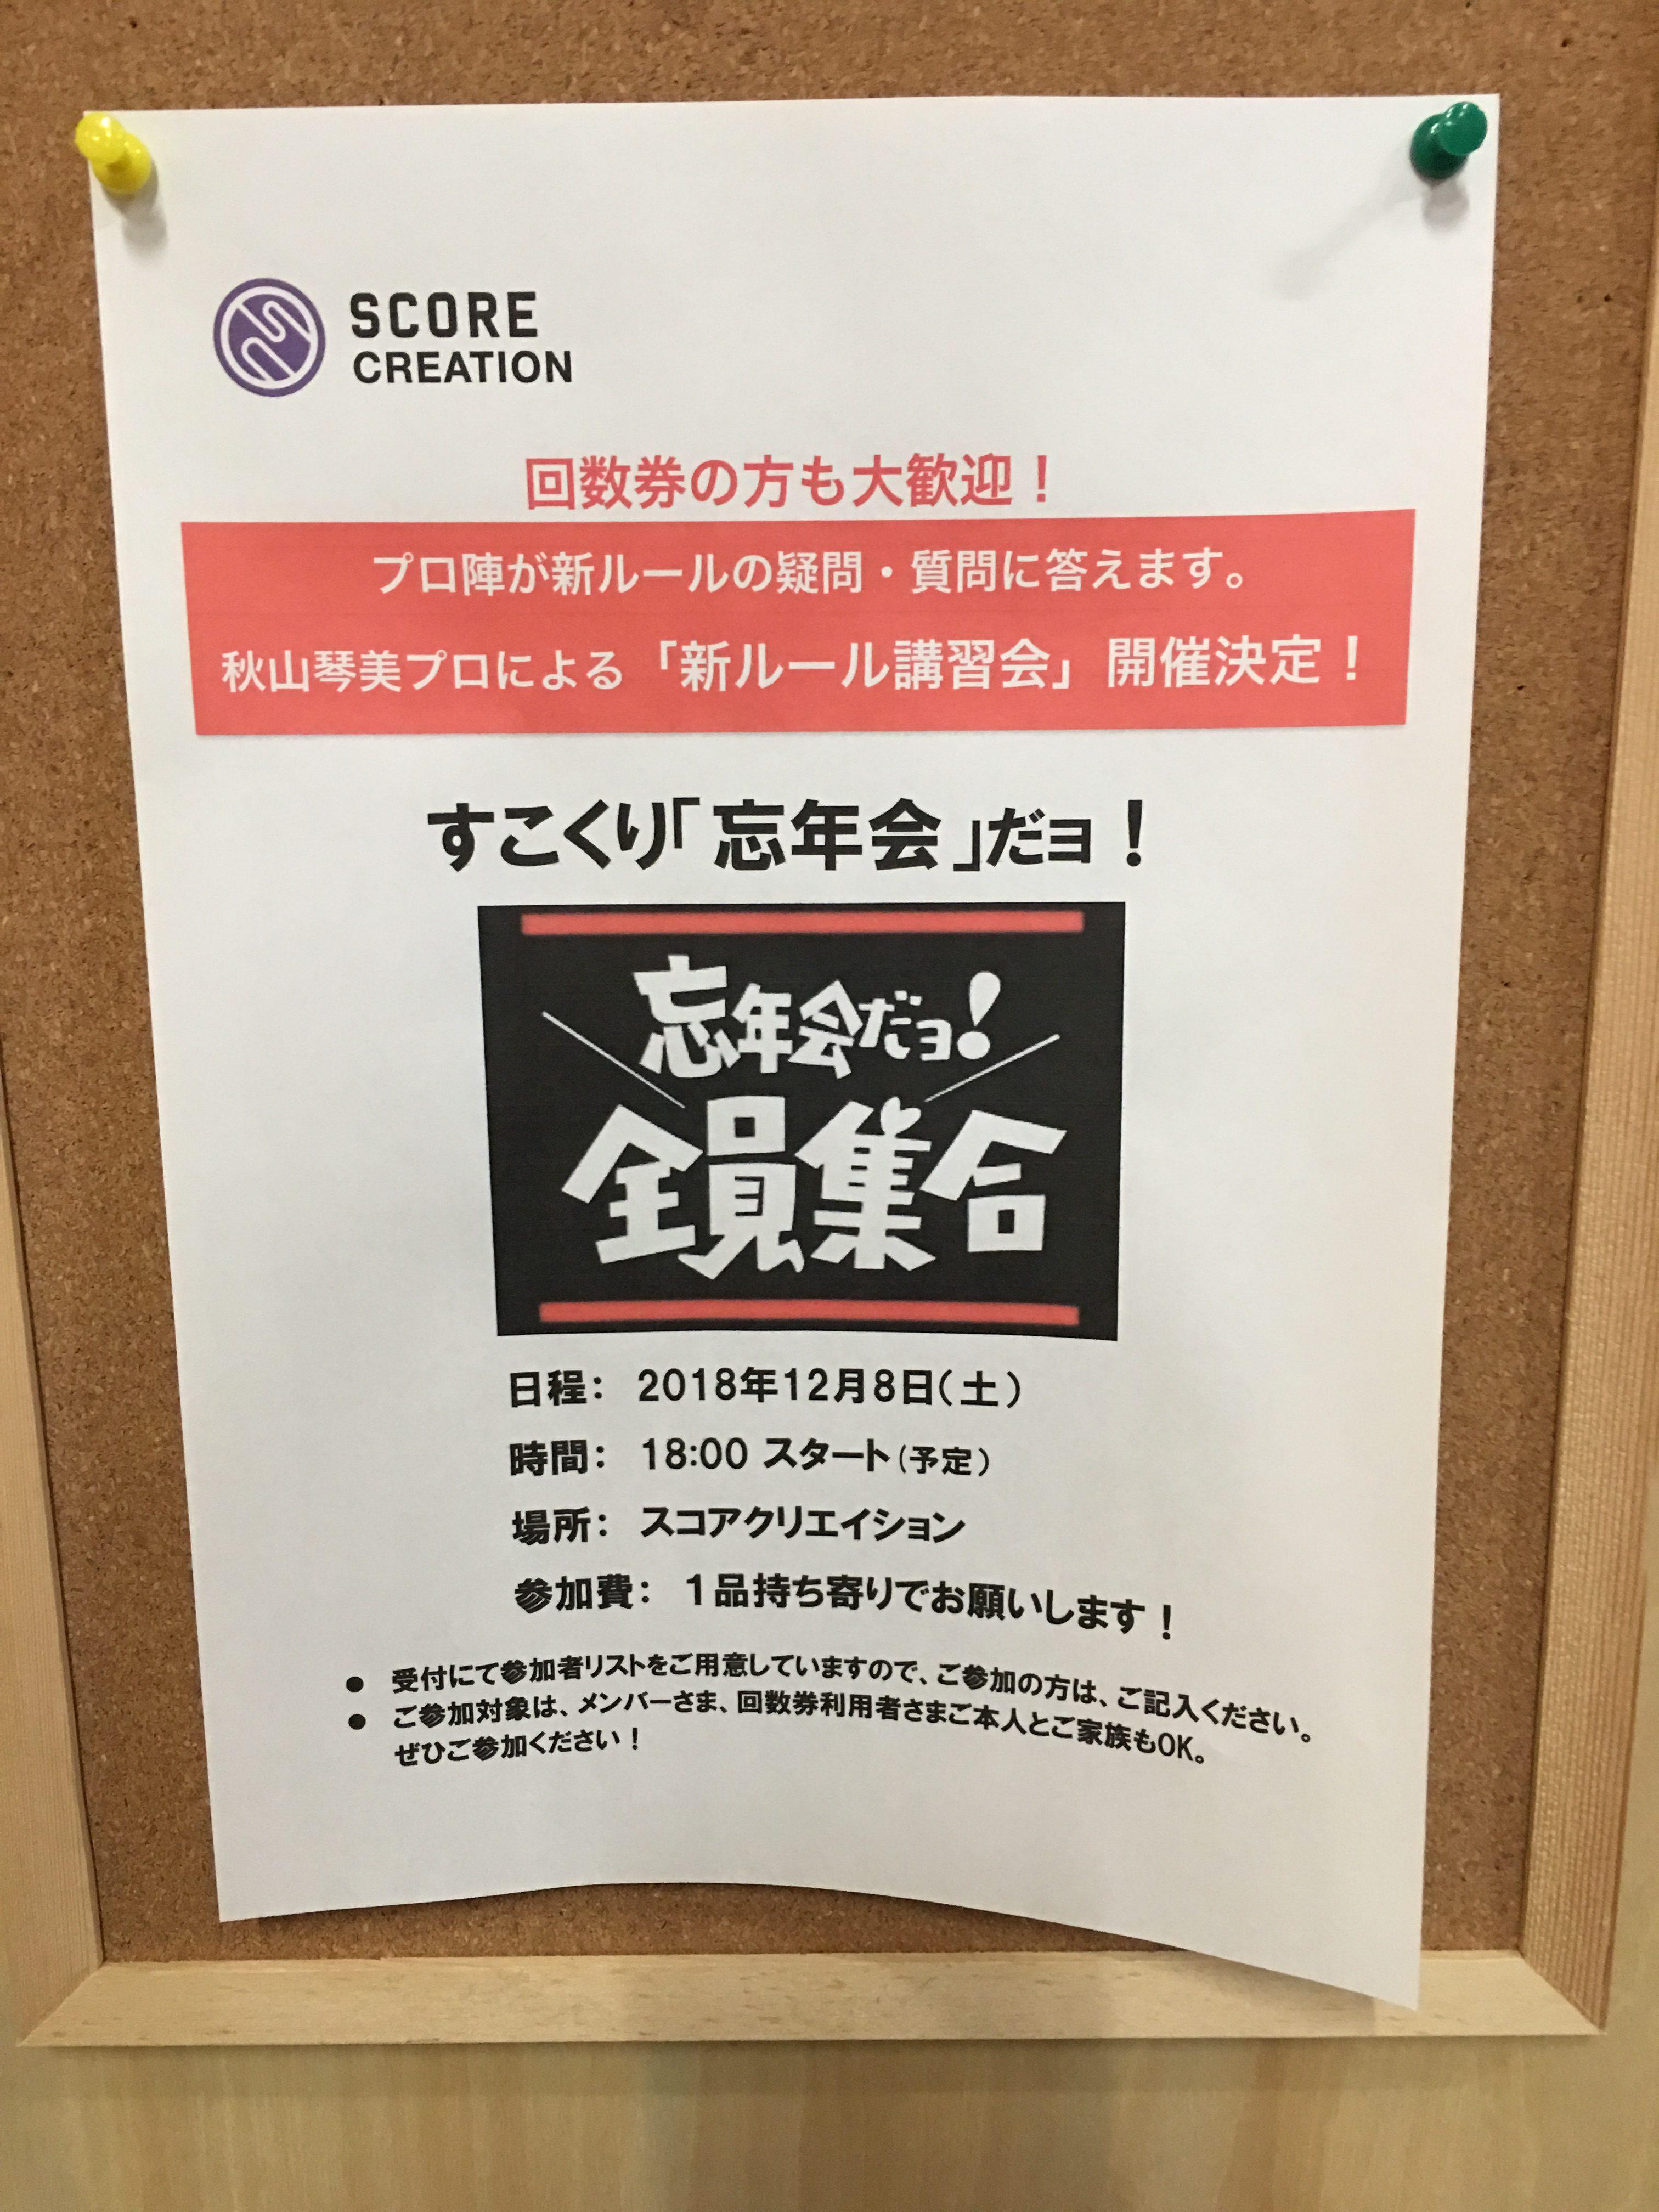 今年の忘年会は、秋山琴美プロによる「新ルール講習会」つき!!